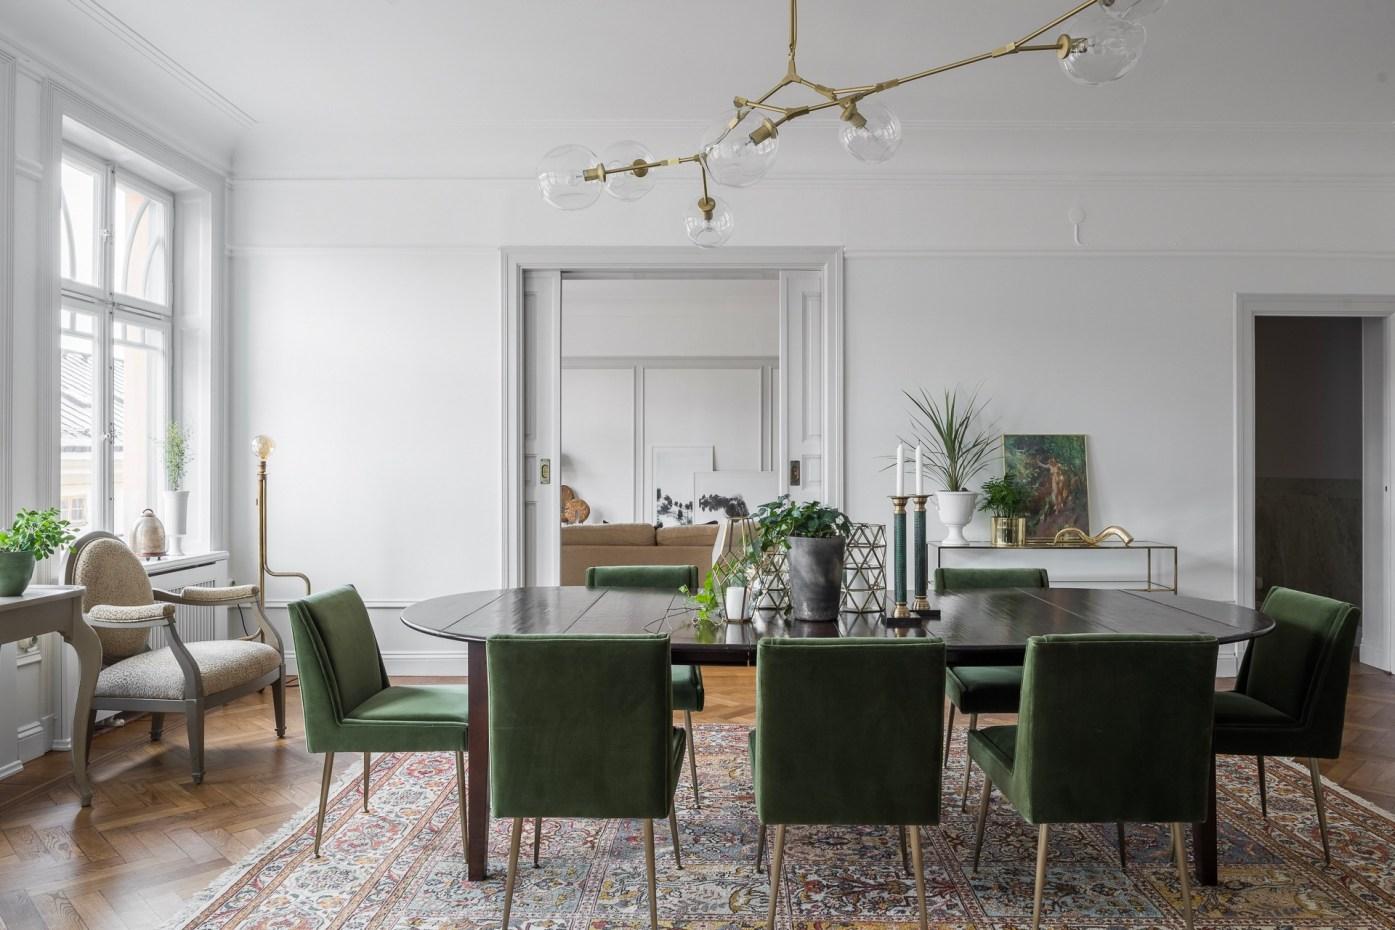 столовая стол стулья проем